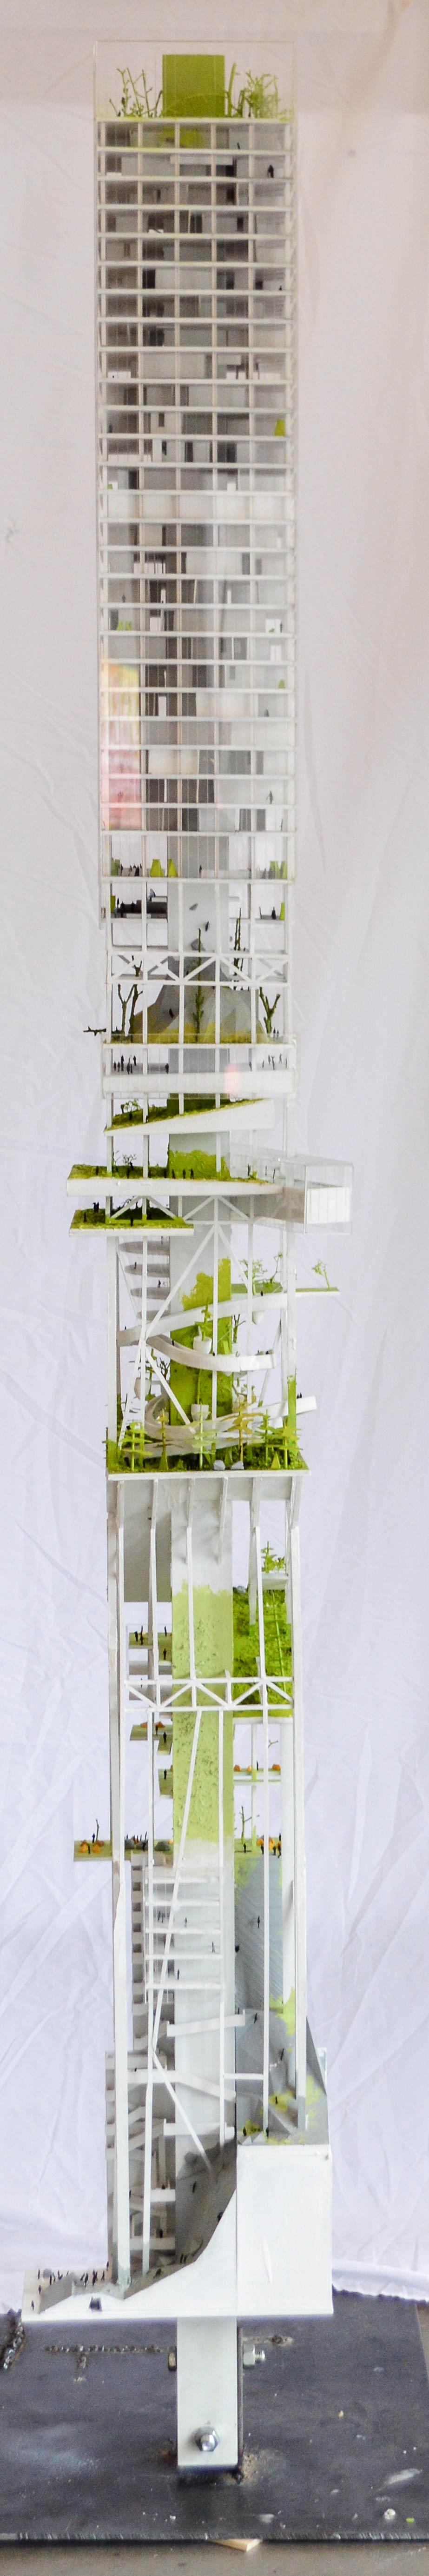 verticaltower-6.jpg